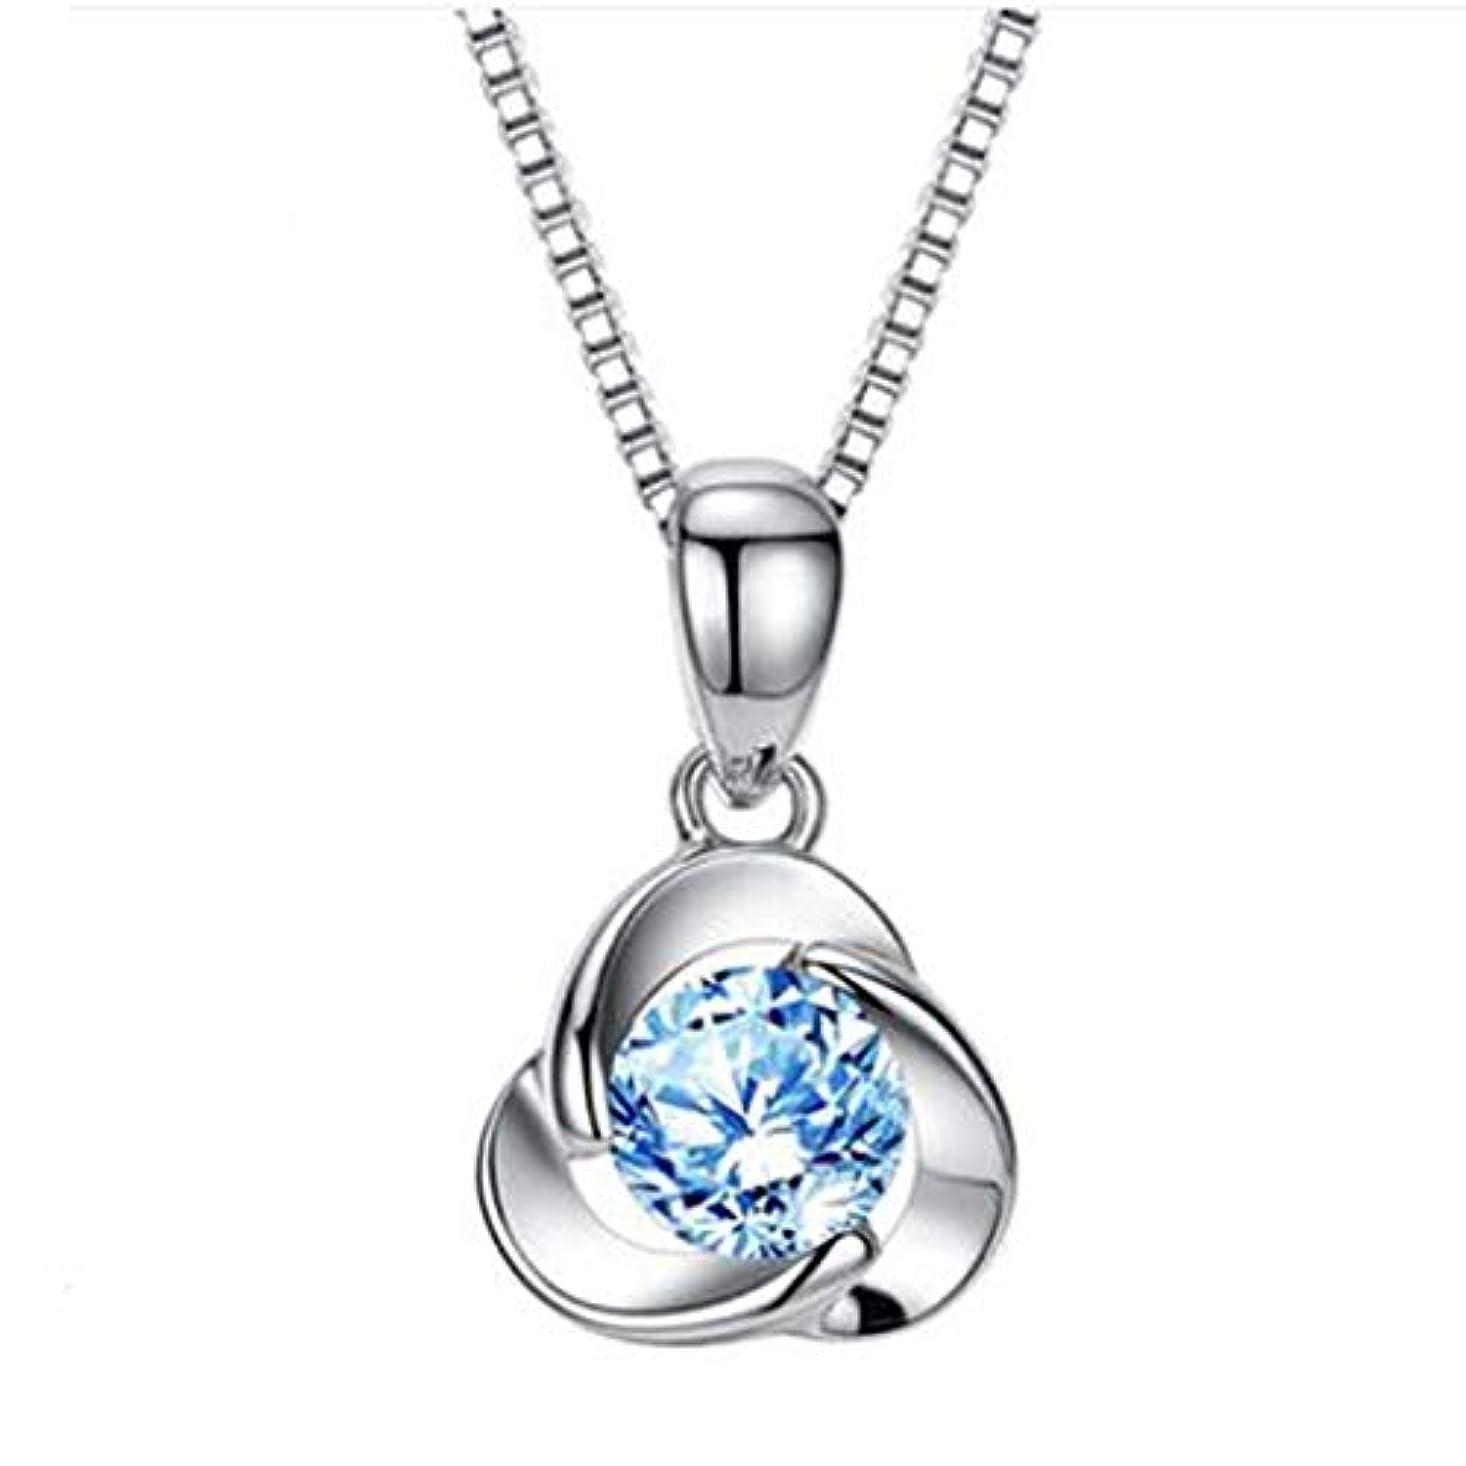 扱う拒絶する未使用Yougou01 ガールフレンドの妻の誕生日プレゼントを送る女性実用クリエイティブロマンチックな特別な心小さな贈り物 、創造的な装飾 (Color : Blue)